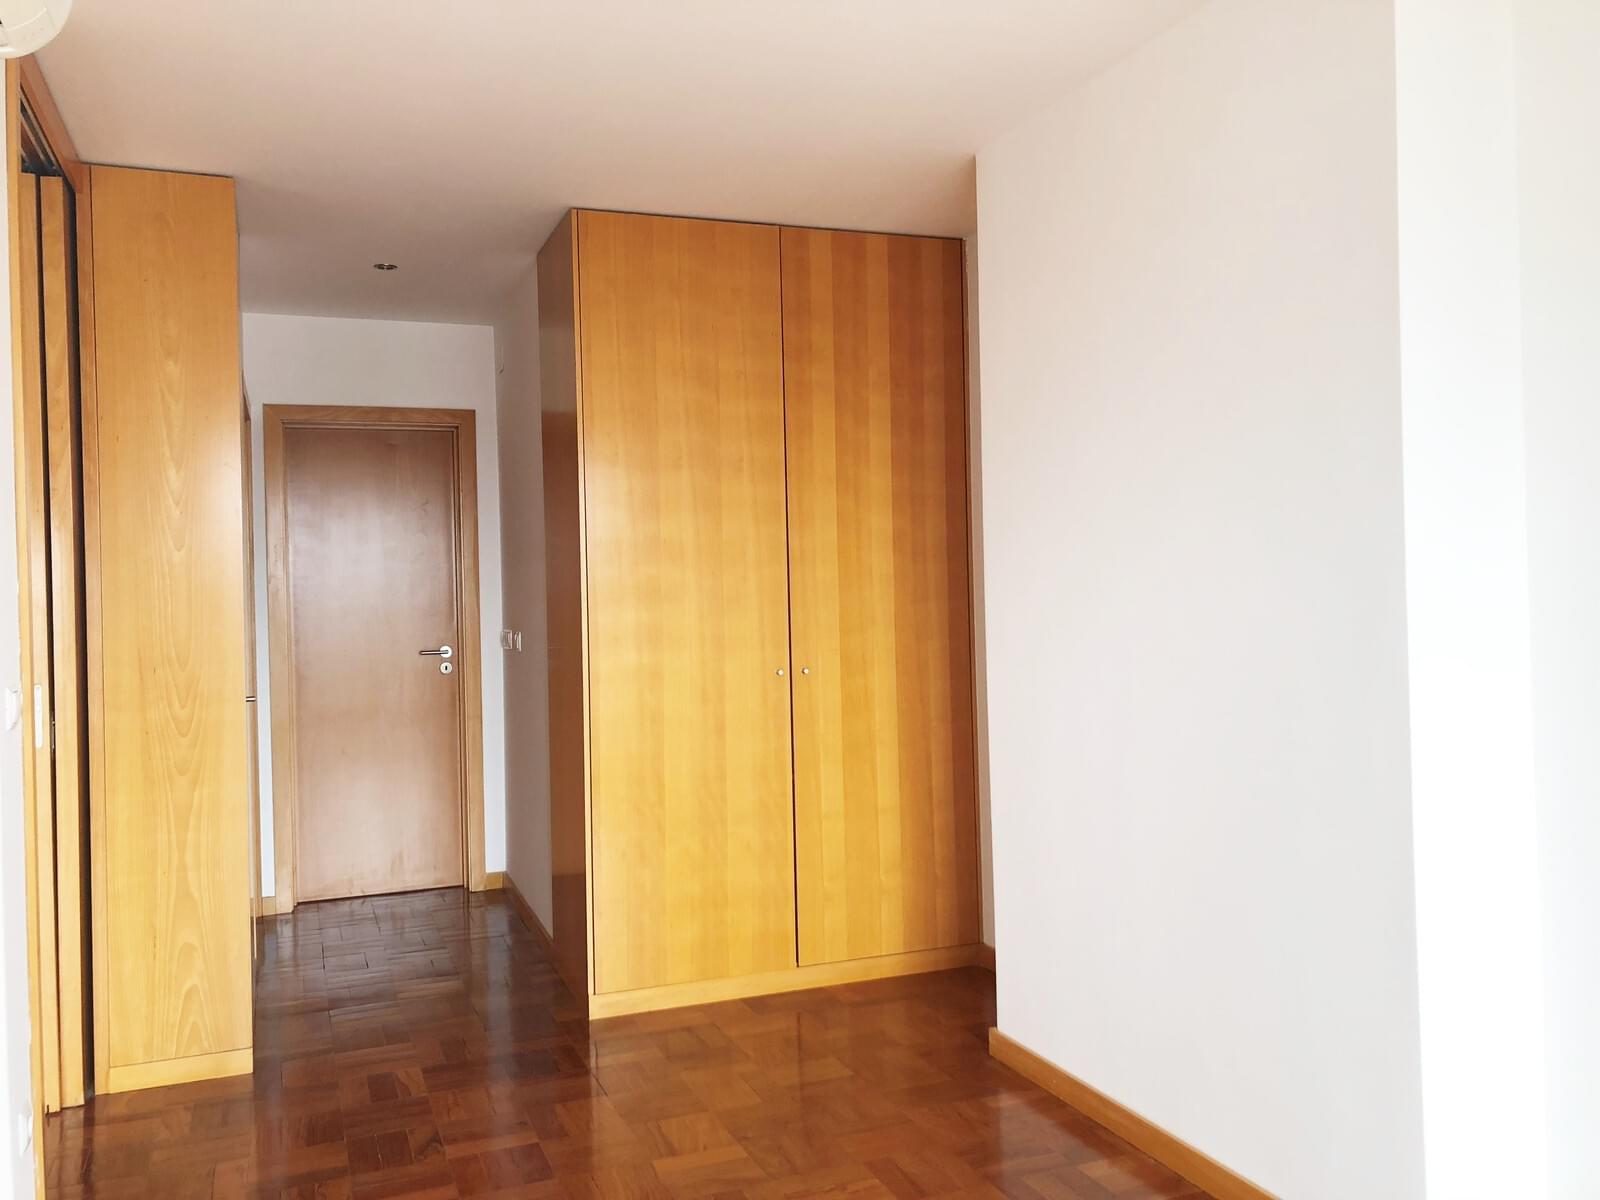 pf18040-apartamento-t3-lisboa-f98748bf-d3d7-4360-934b-2eea4199c65d